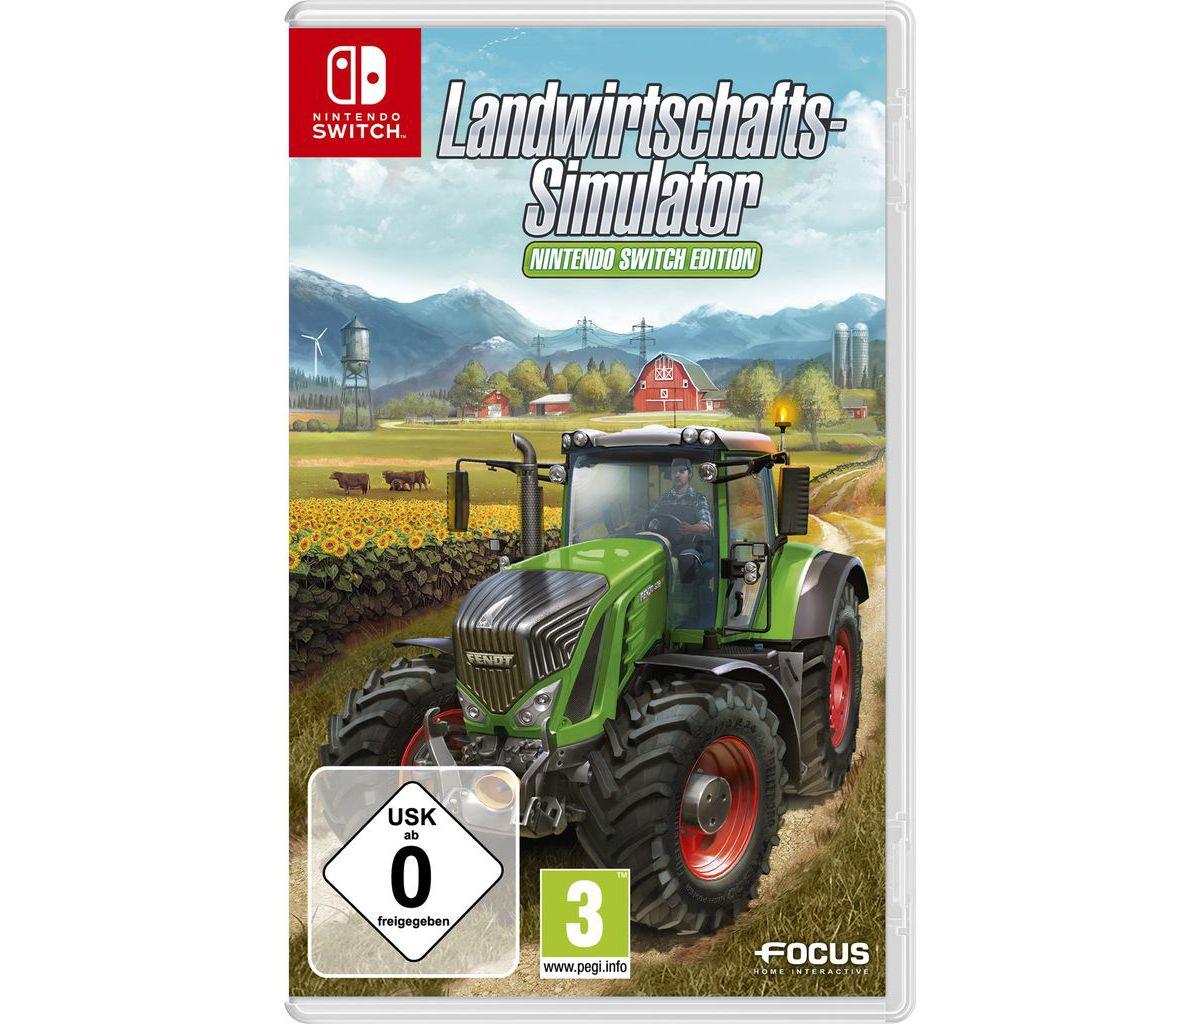 Astragon Nintendo Switch - Spiel »Landwirtschaf...